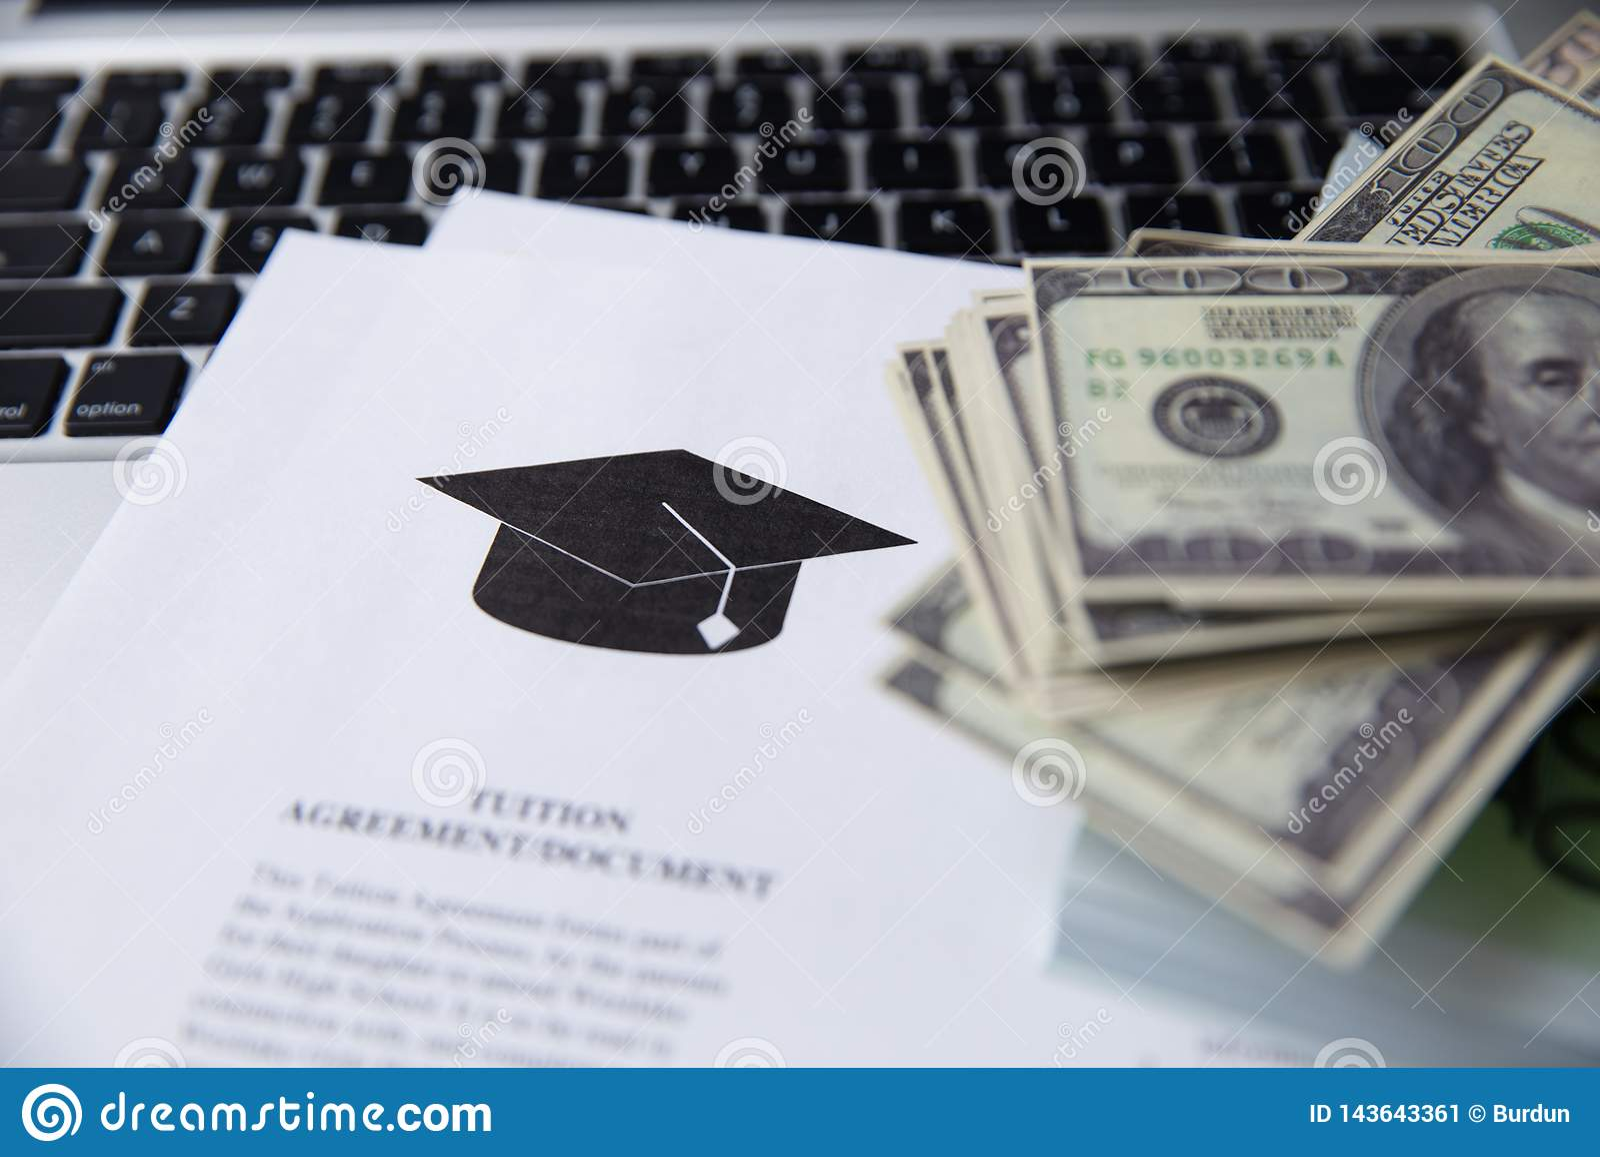 где взять деньги студенту займ получить кредит без трудоустройства